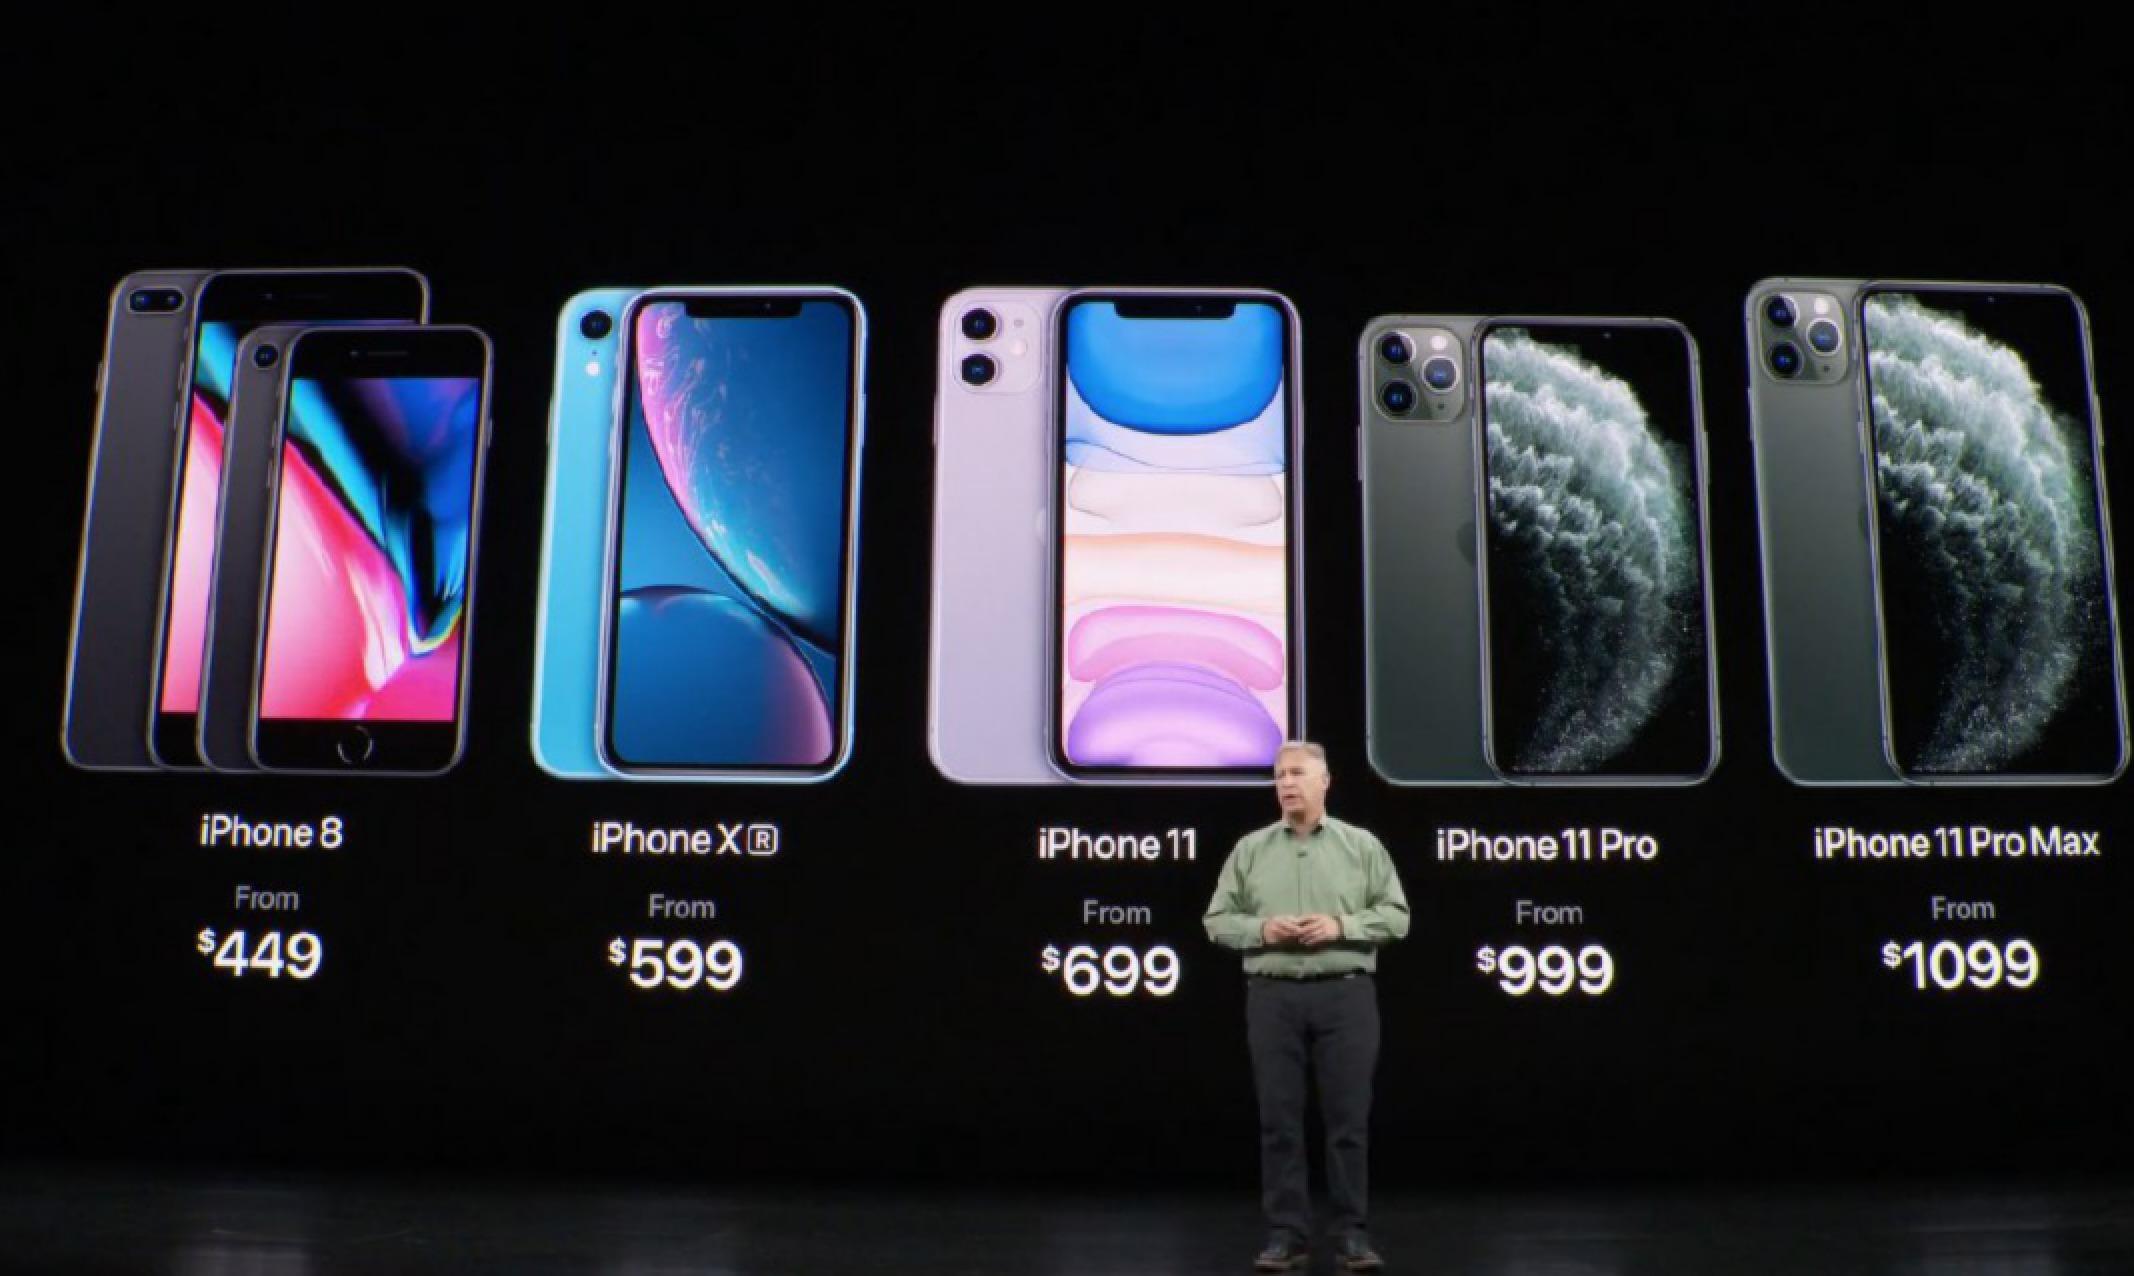 IPHONE 11 PRECIOS